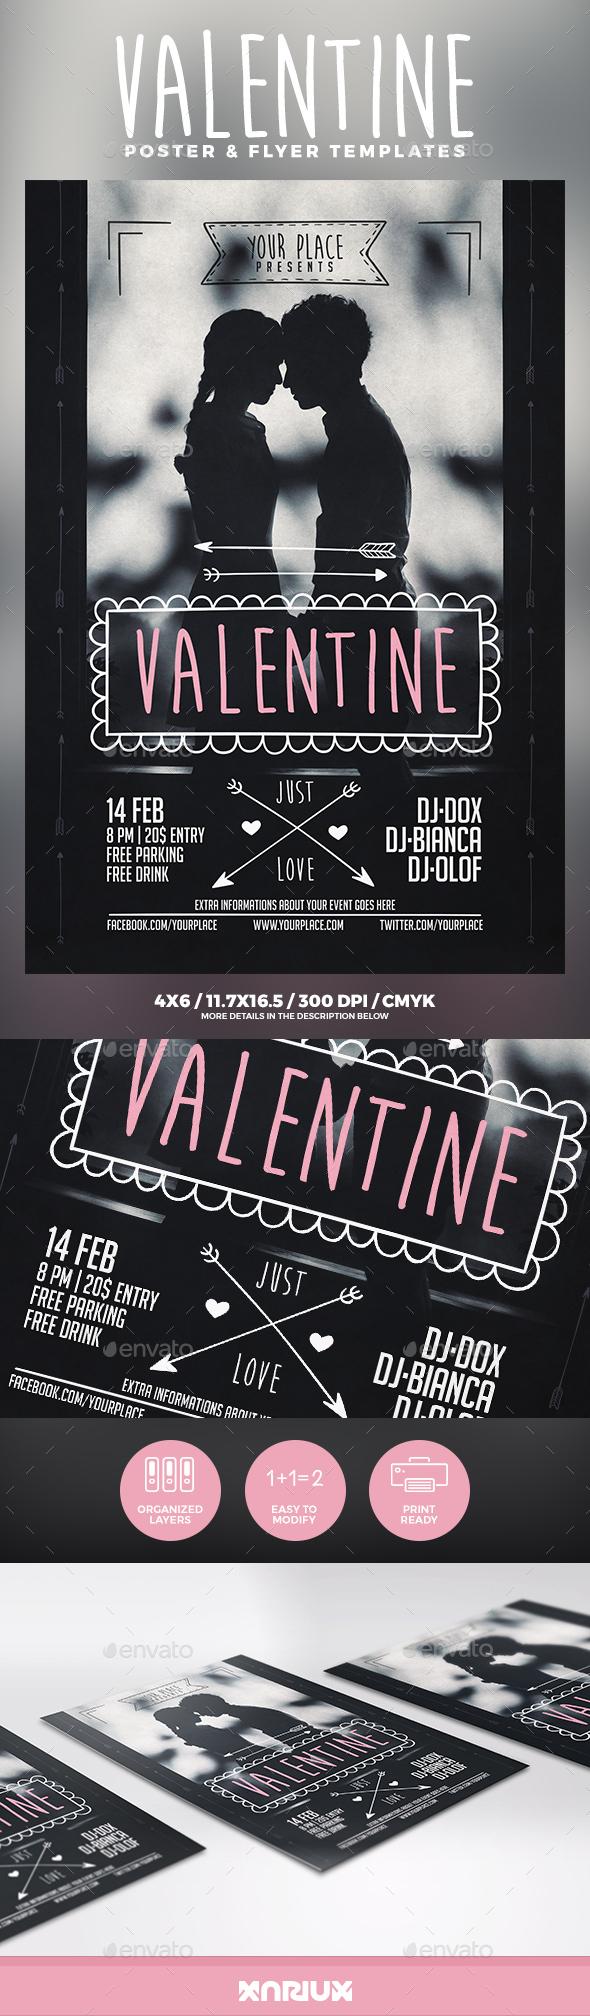 Valentine Flyer & Poster